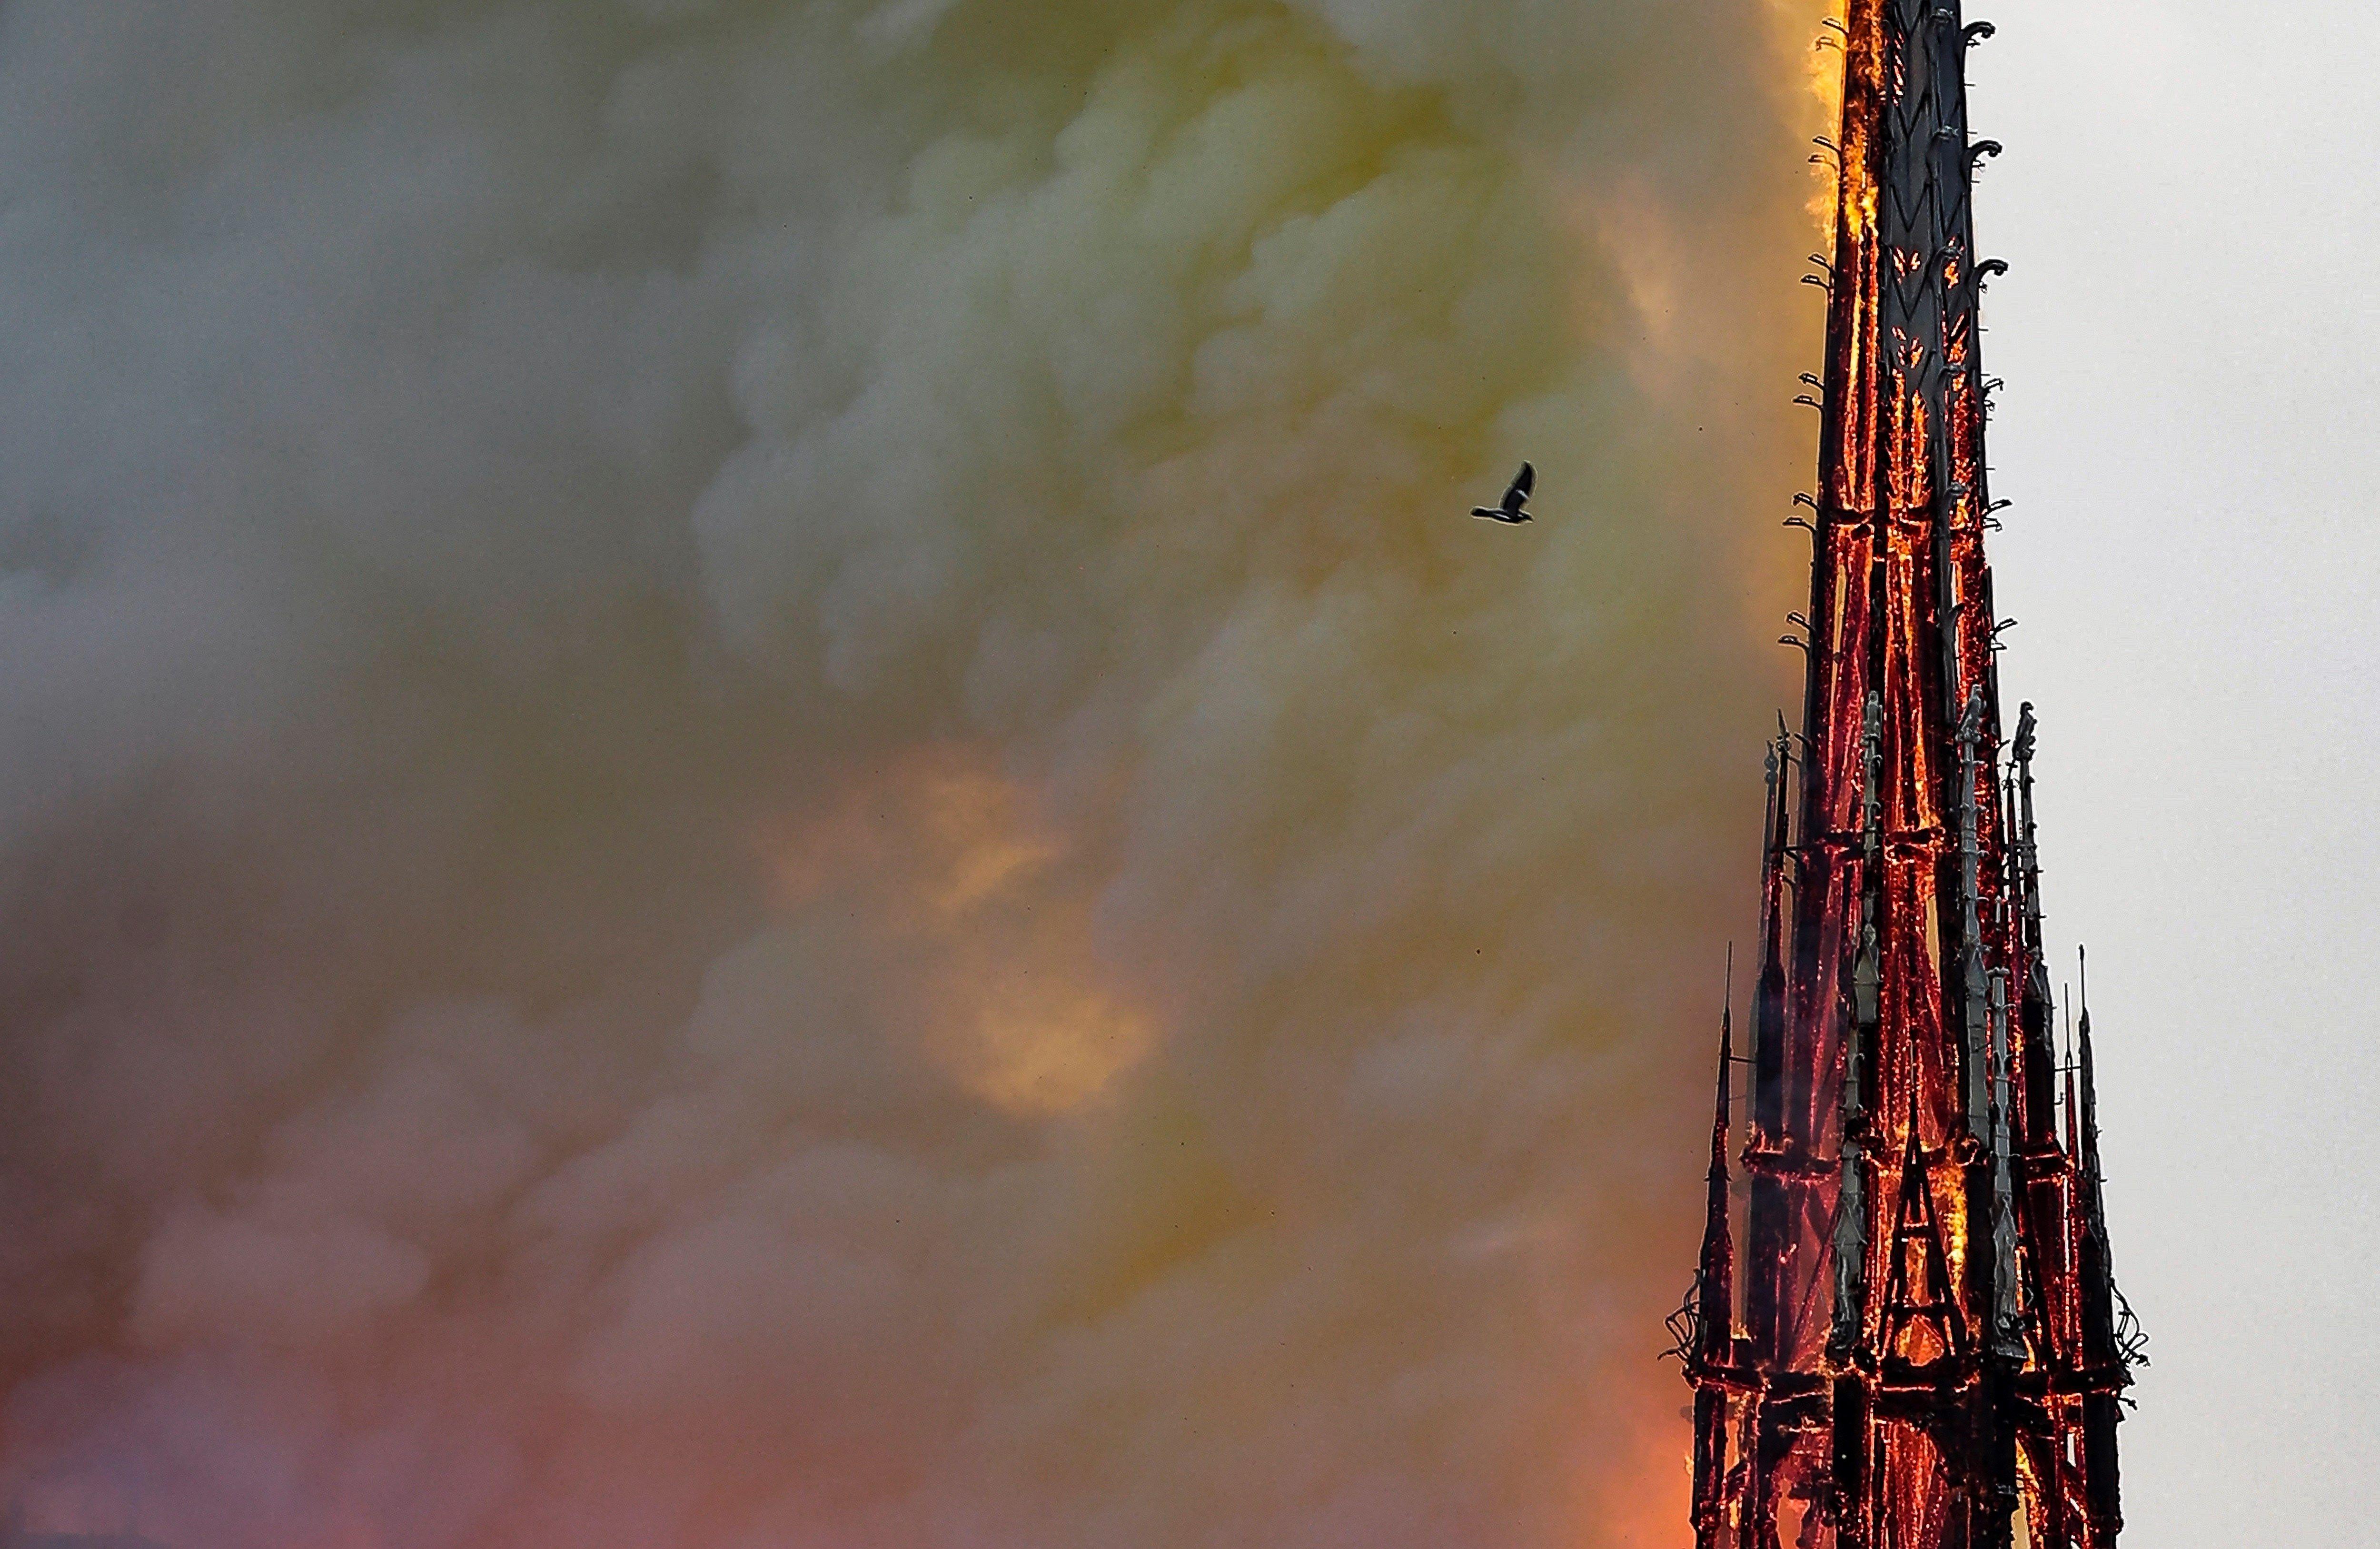 EPA177. PARIS (FRANCIA), 16/04/2019.- Las llamas arrasan la aguja de la catedral de Notre Dame, este lunes 15, en París (Francia). Francia evalúa este martes los daños sufridos por la catedral de Notre Dame de París, devastada por un incendio cuyo origen es todavía desconocido y está siendo investigado por la Justicia. EFE/Ian Langsdon